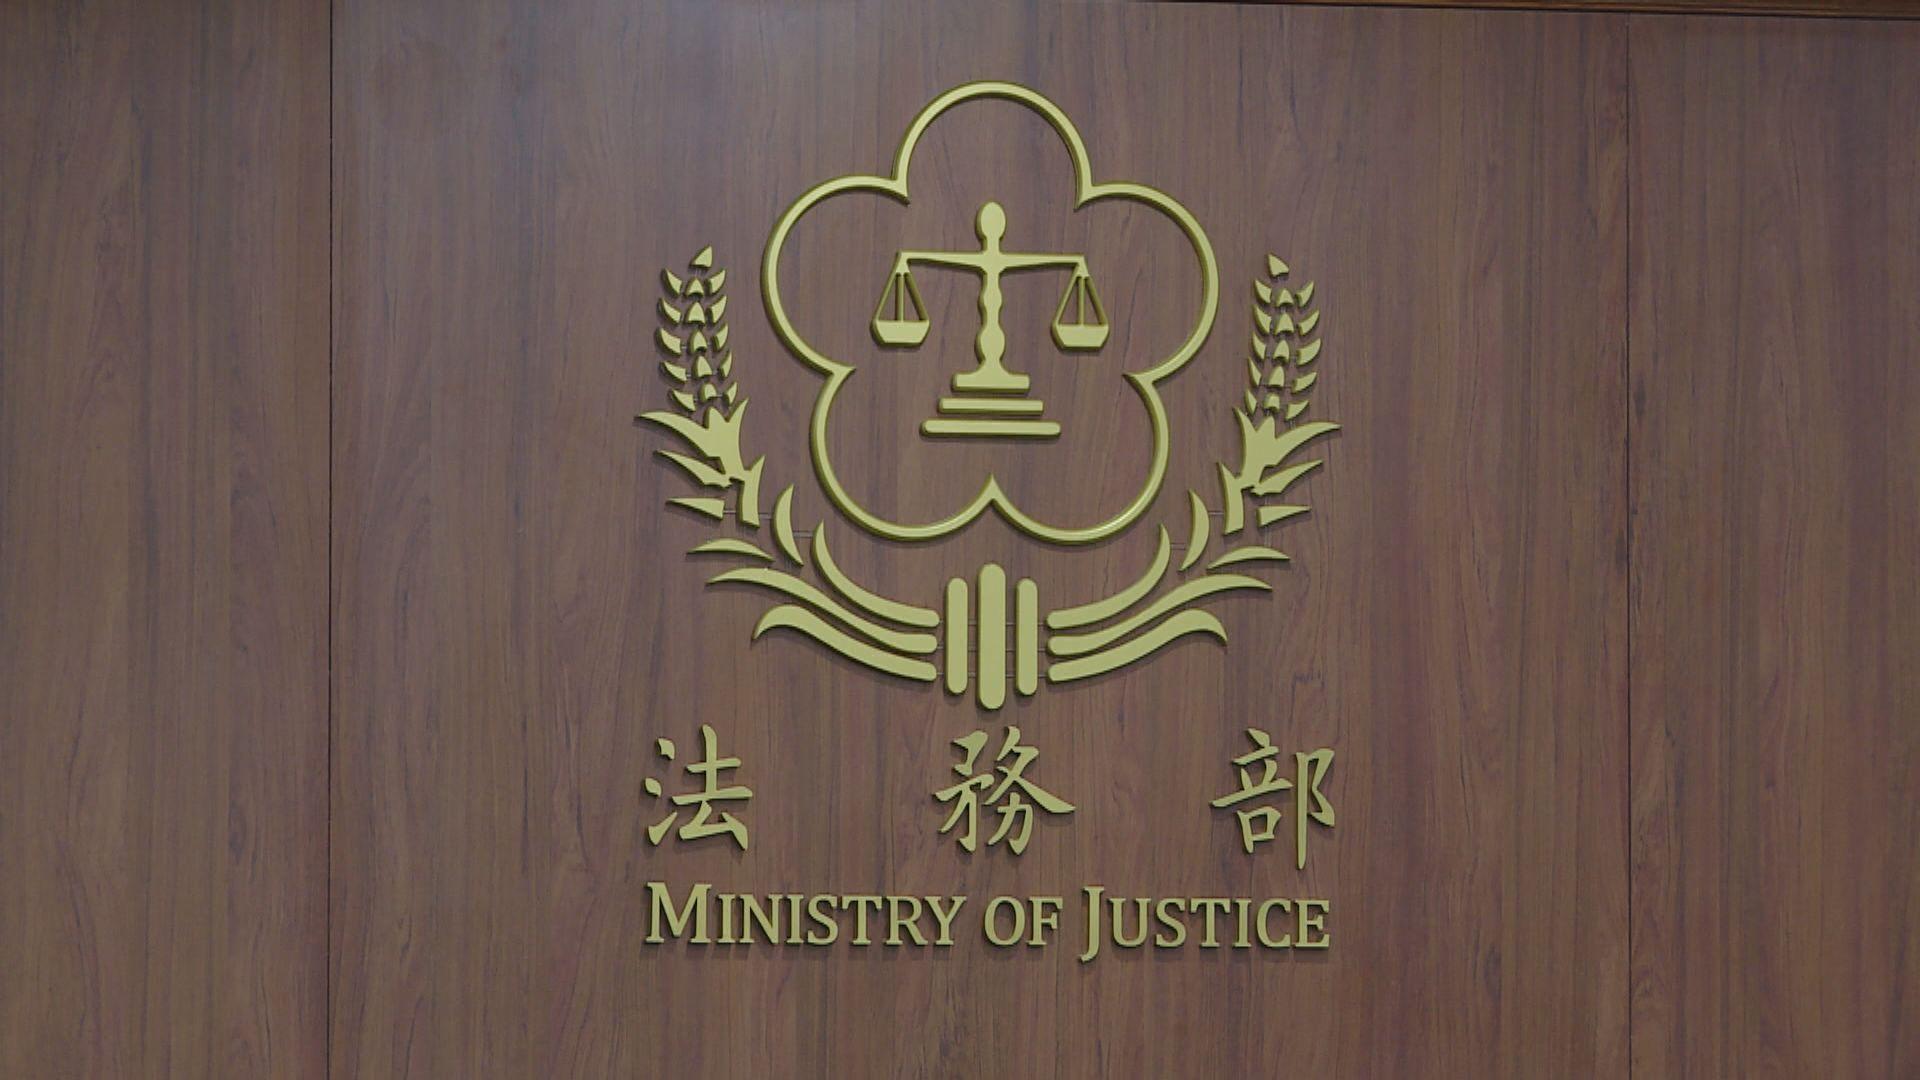 台法務部:對潘母悲痛感同身受 願在對等基礎與港司法互助